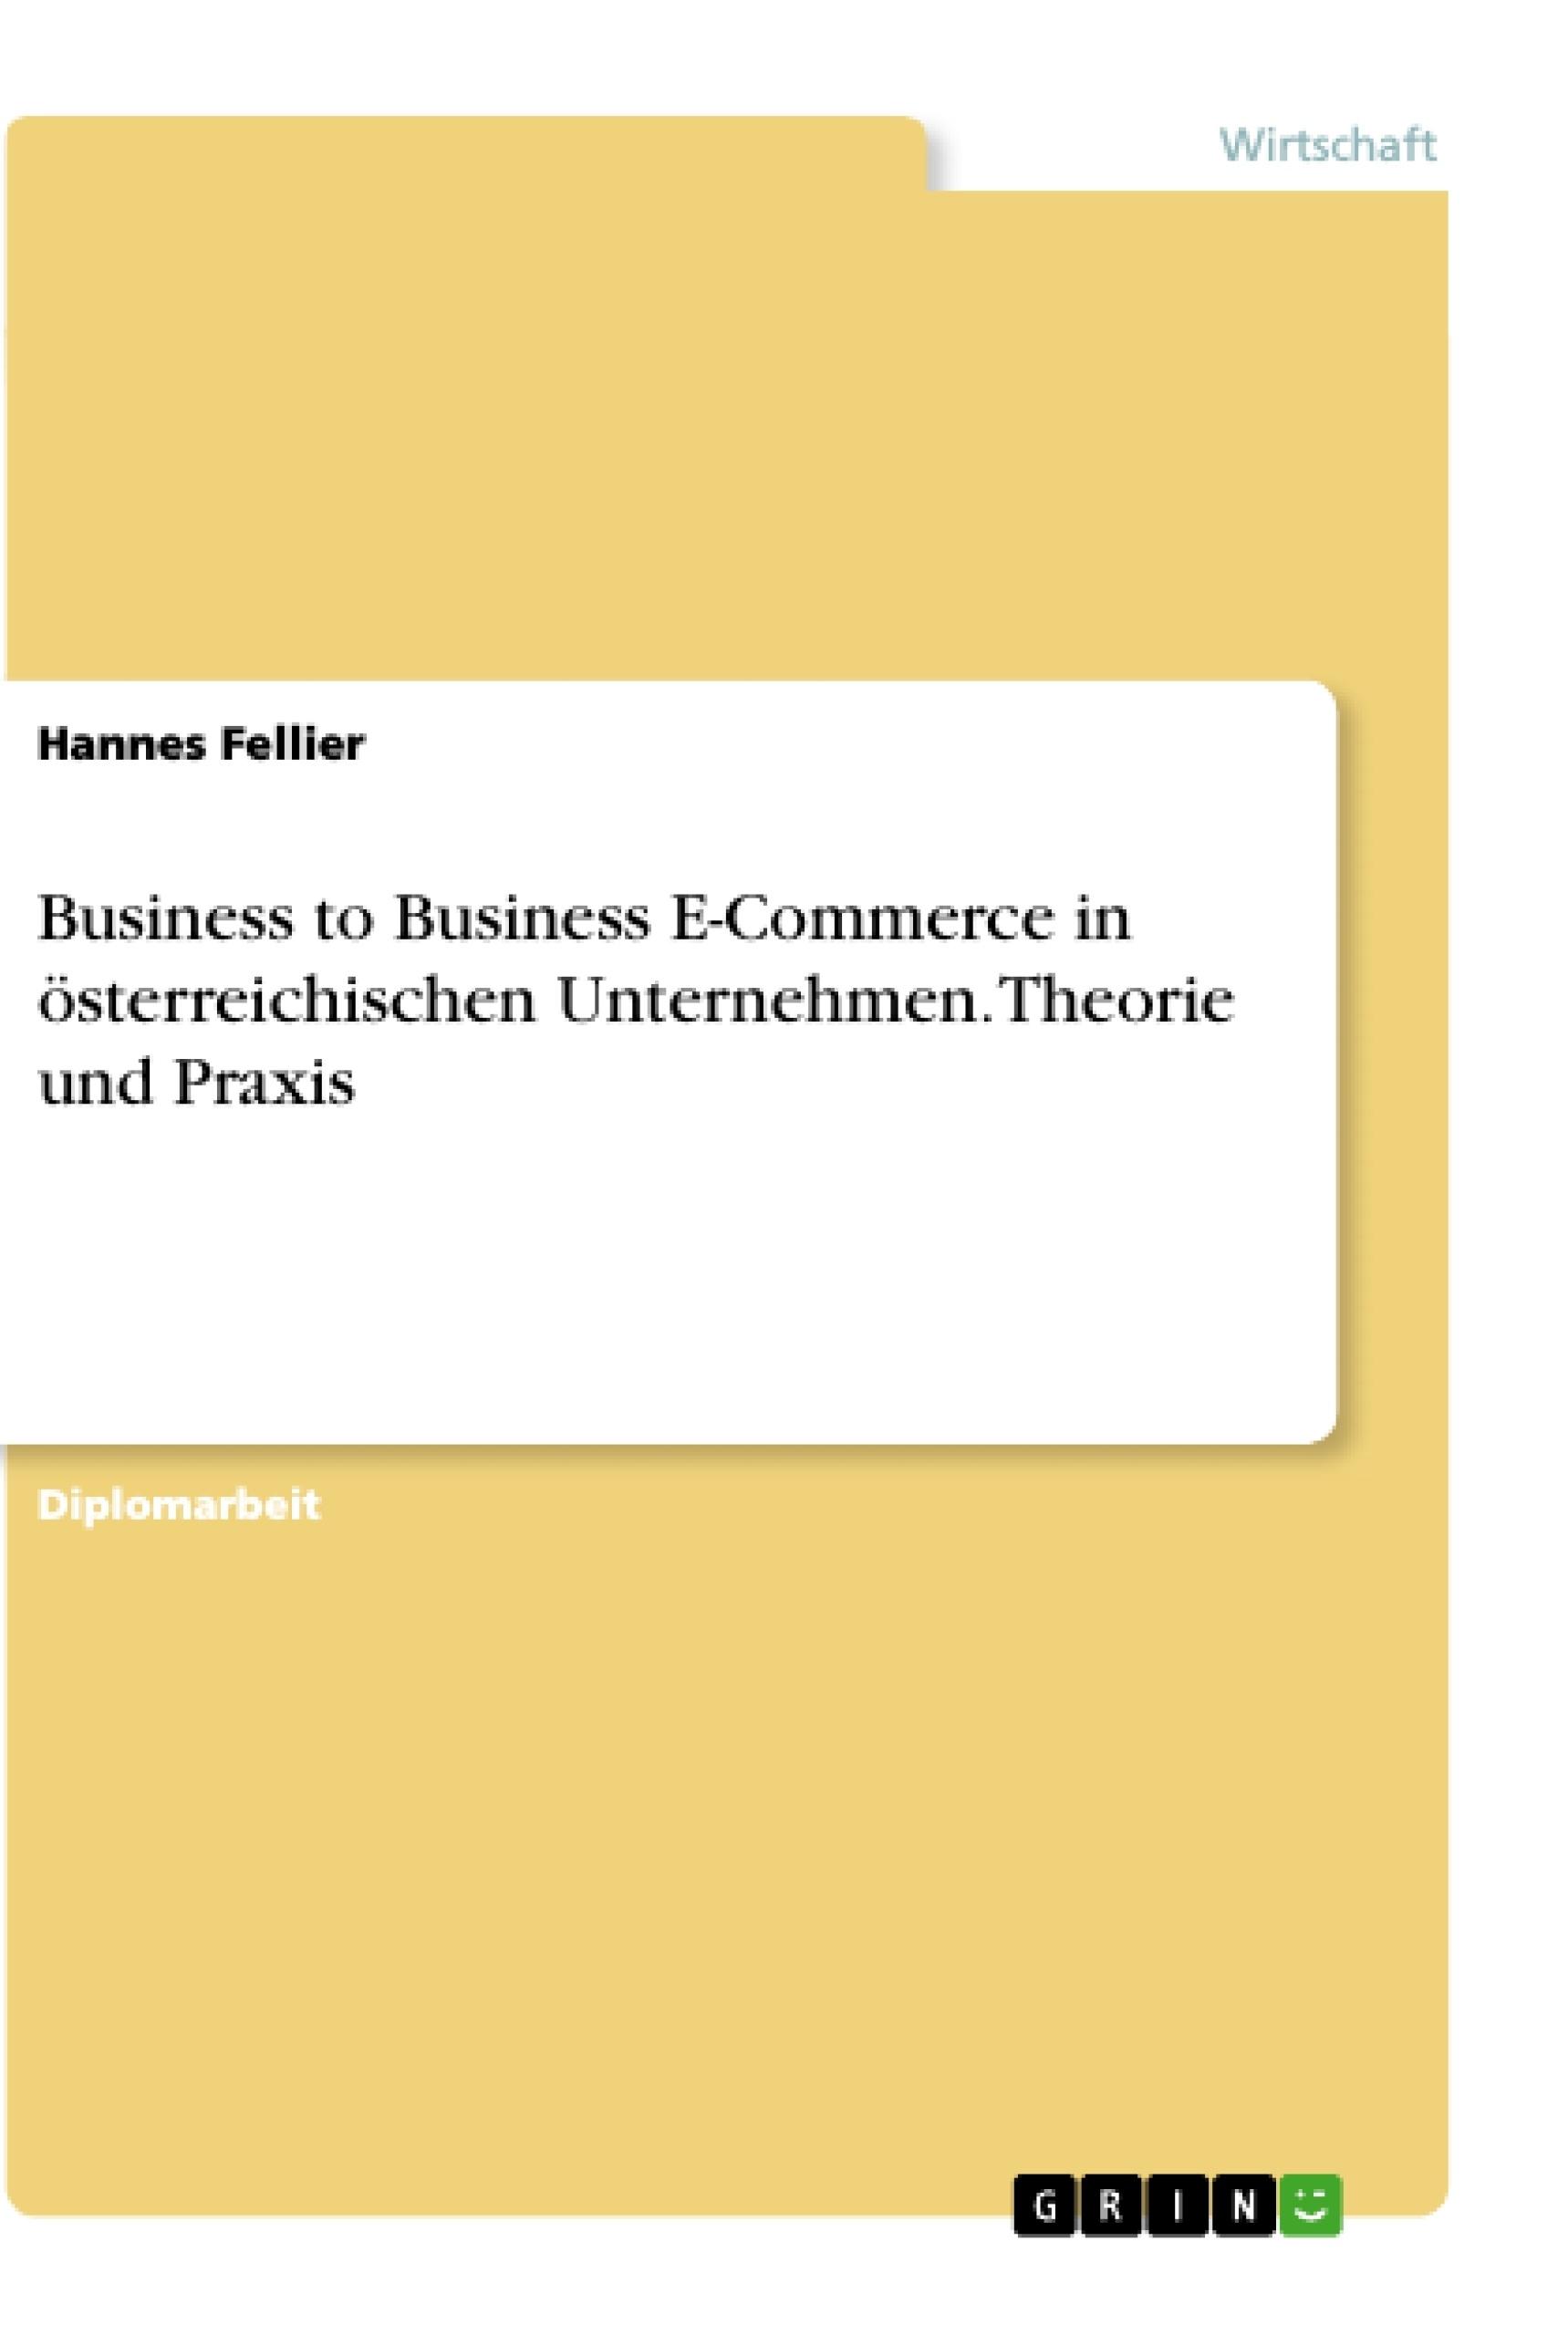 Titel: Business to Business E-Commerce in österreichischen Unternehmen. Theorie und Praxis